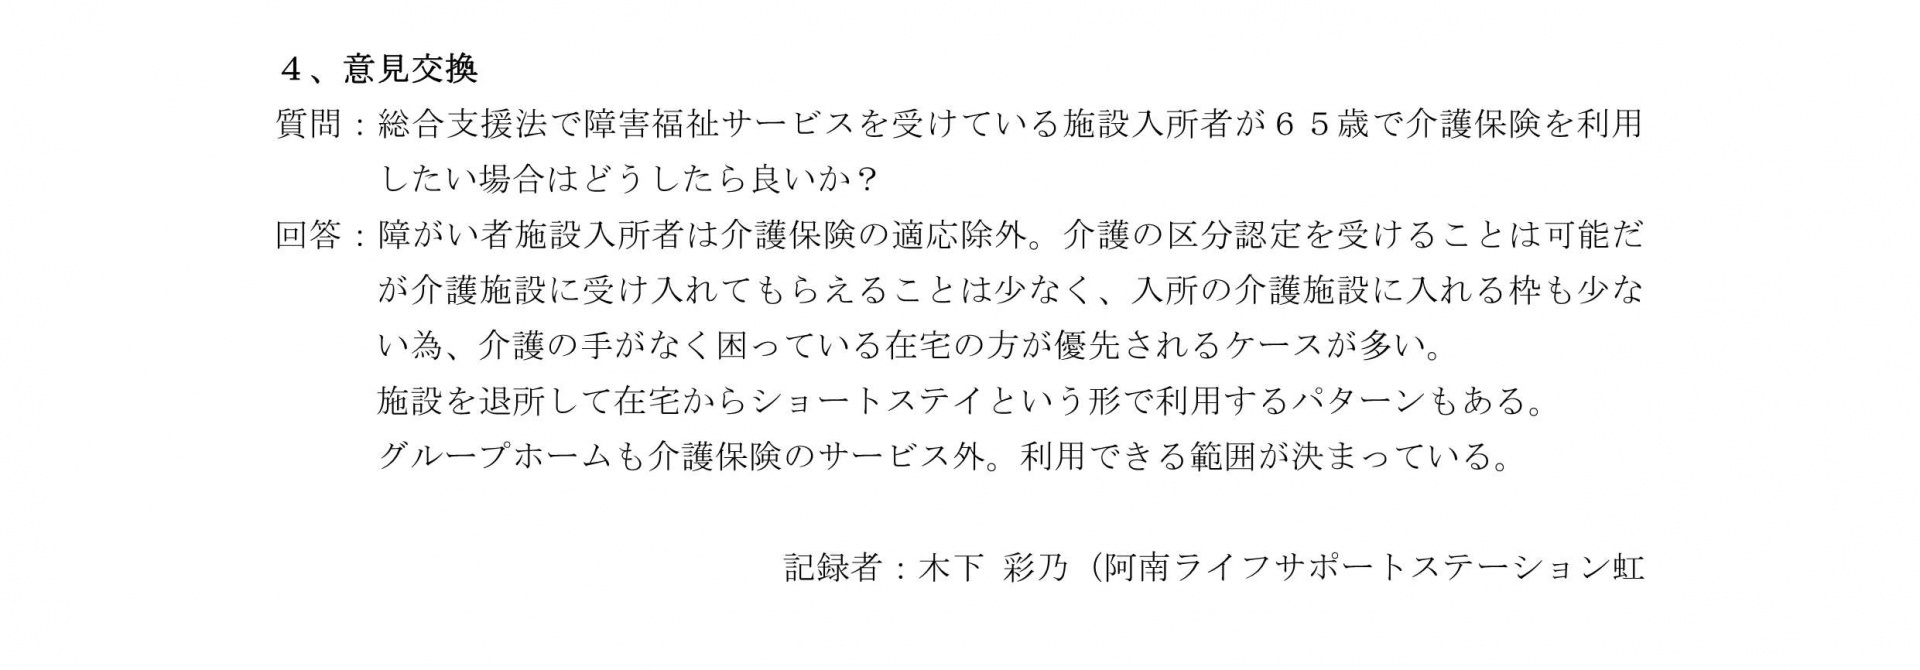 全分科会まとめ_15